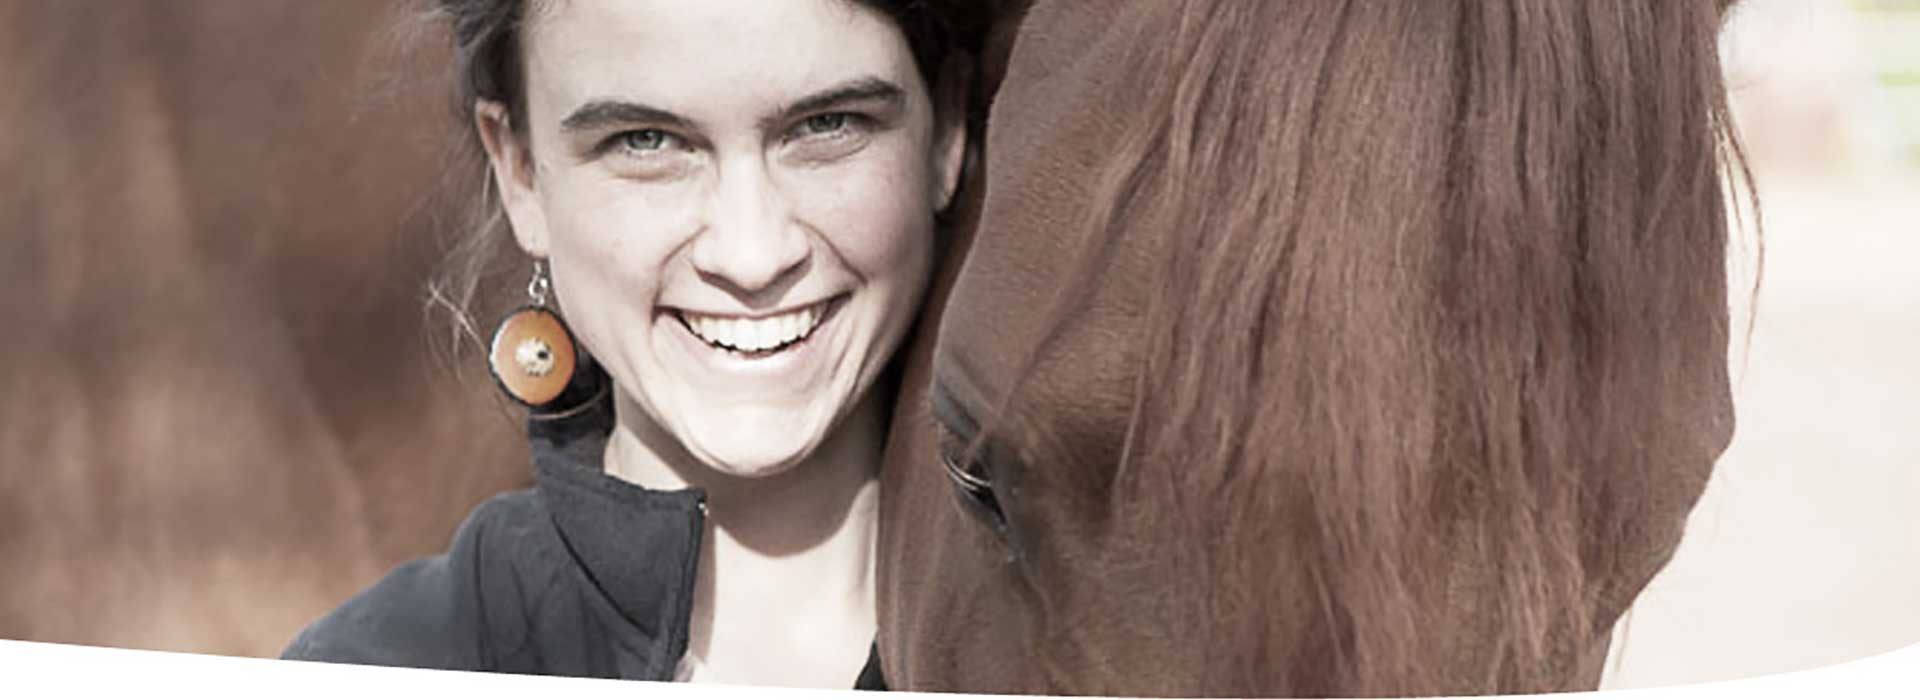 Reitlehrerin-Pferdetrainerin-Bodenarbeit-Pferd-Trainer-Carlita-Picard